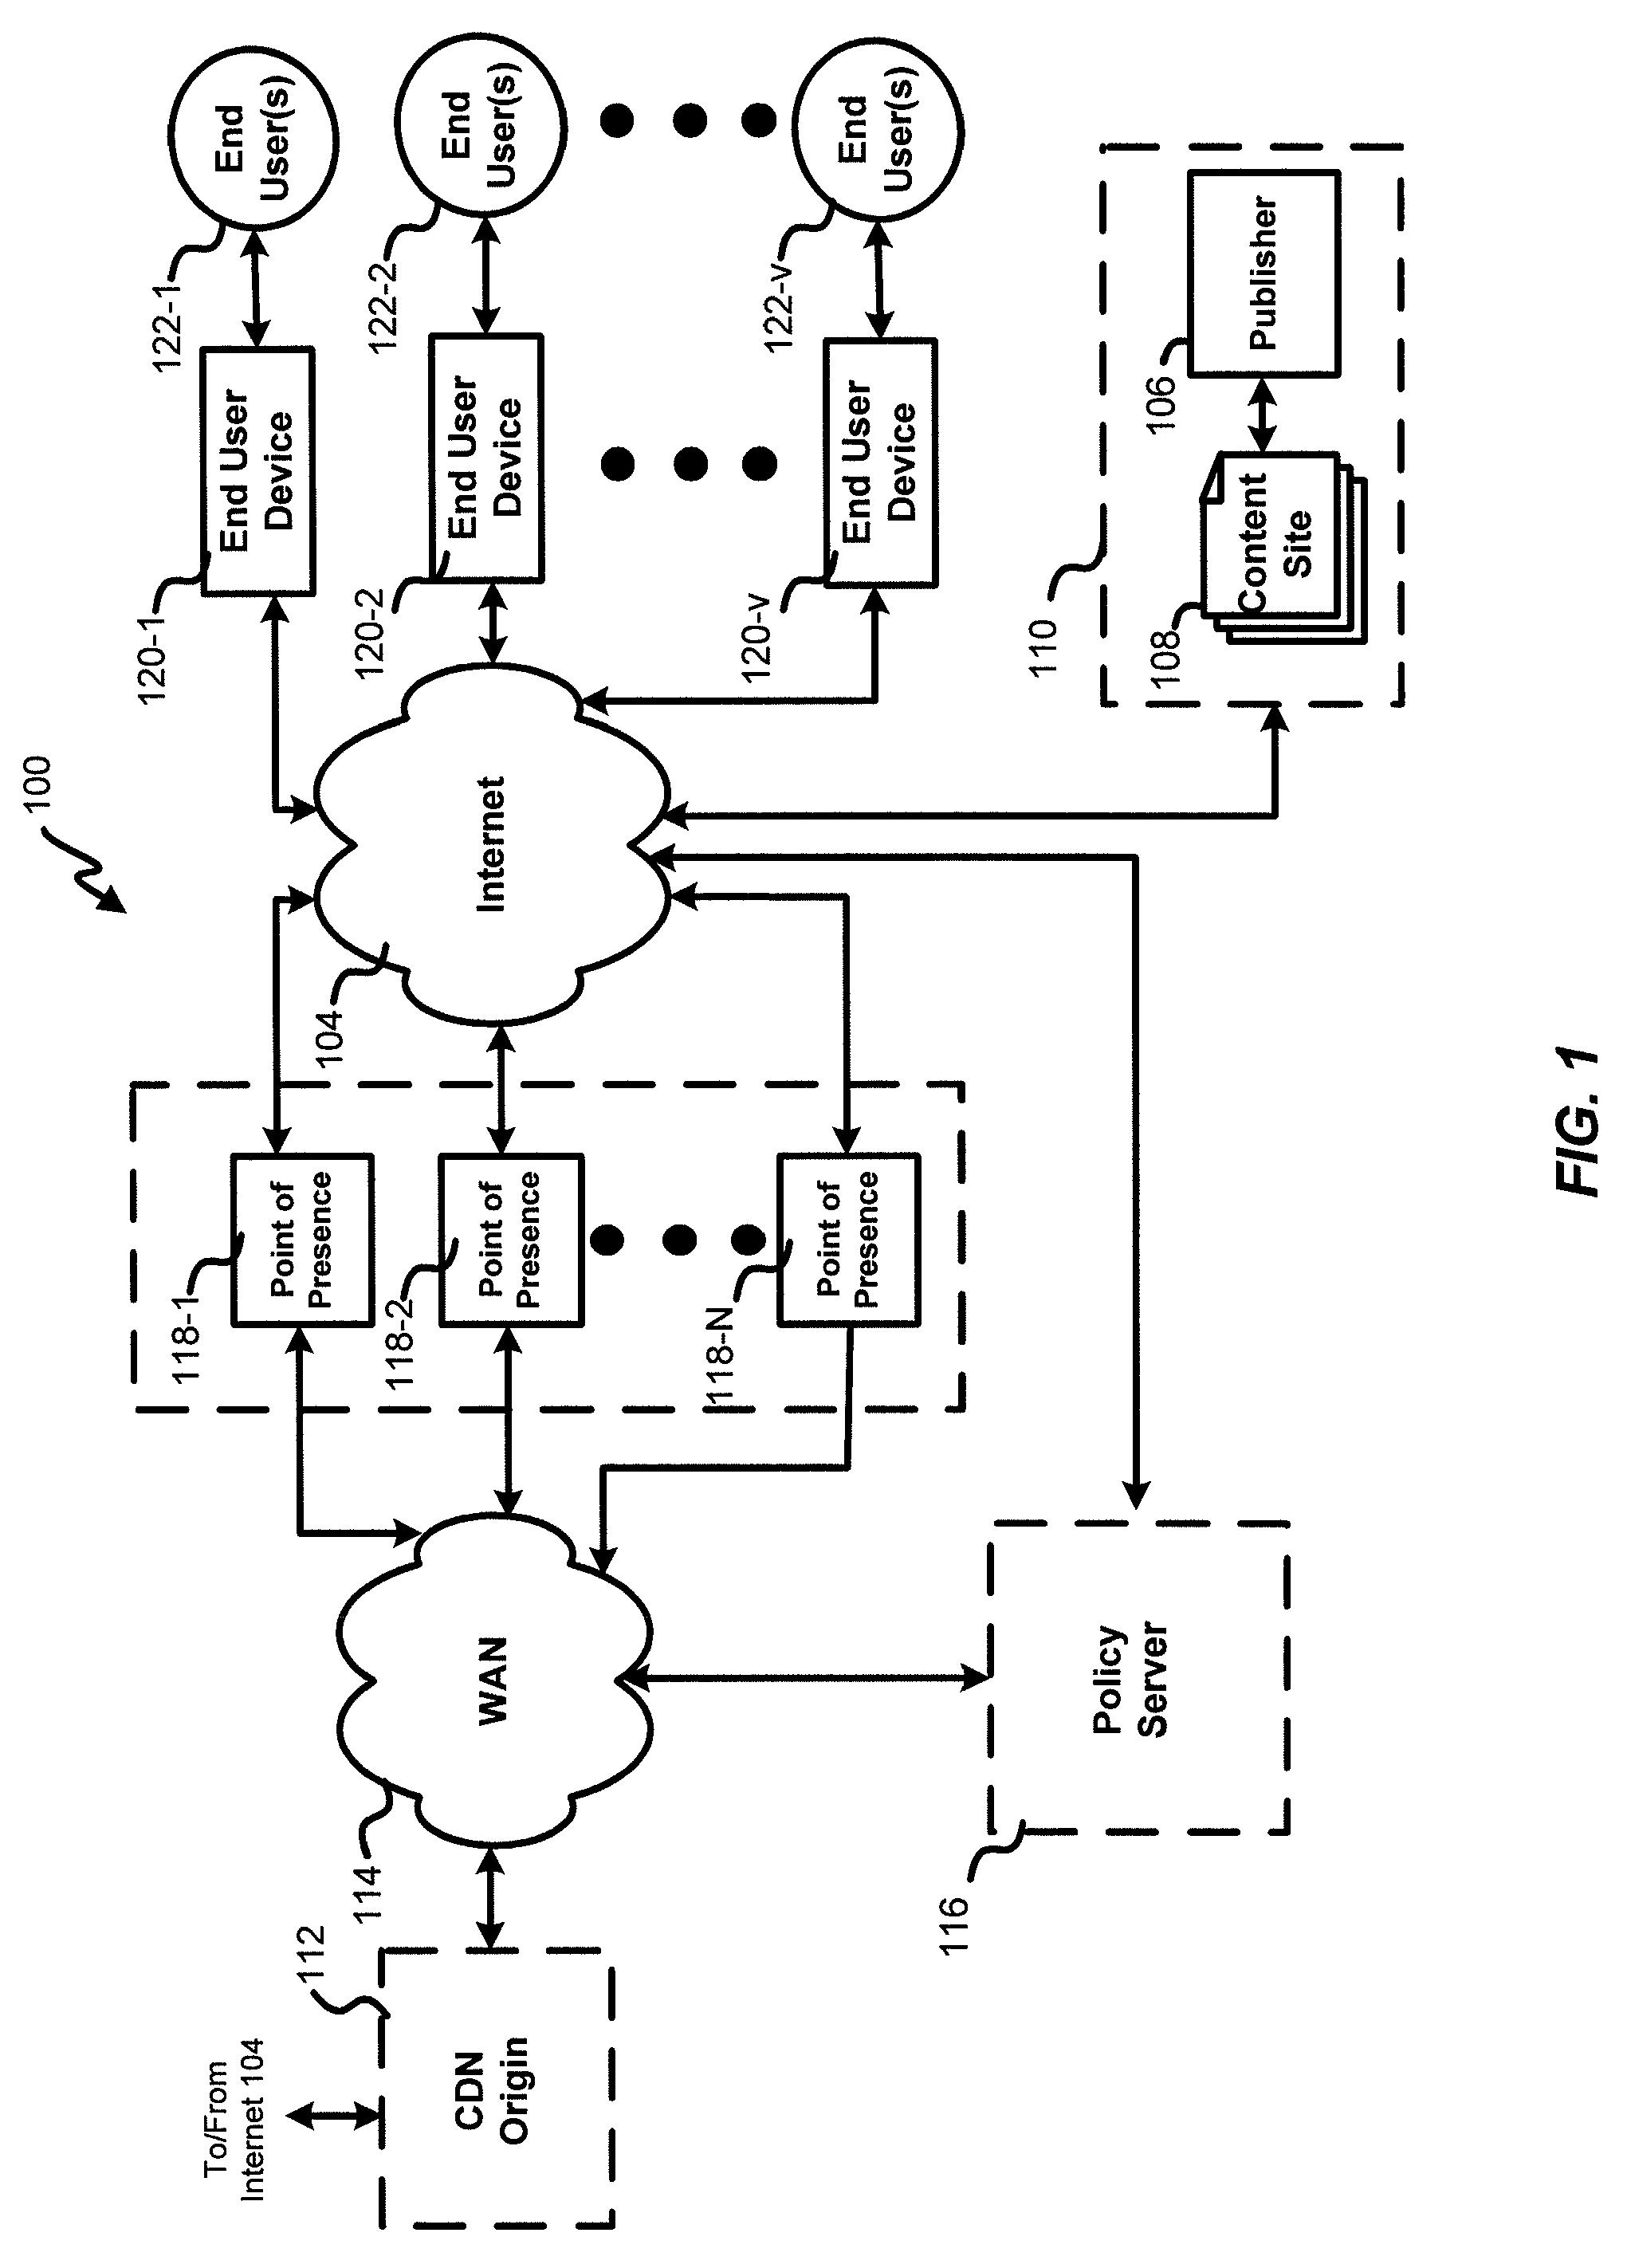 Miller Bobcat 250 Wiring Schematic - Wiring Diagram